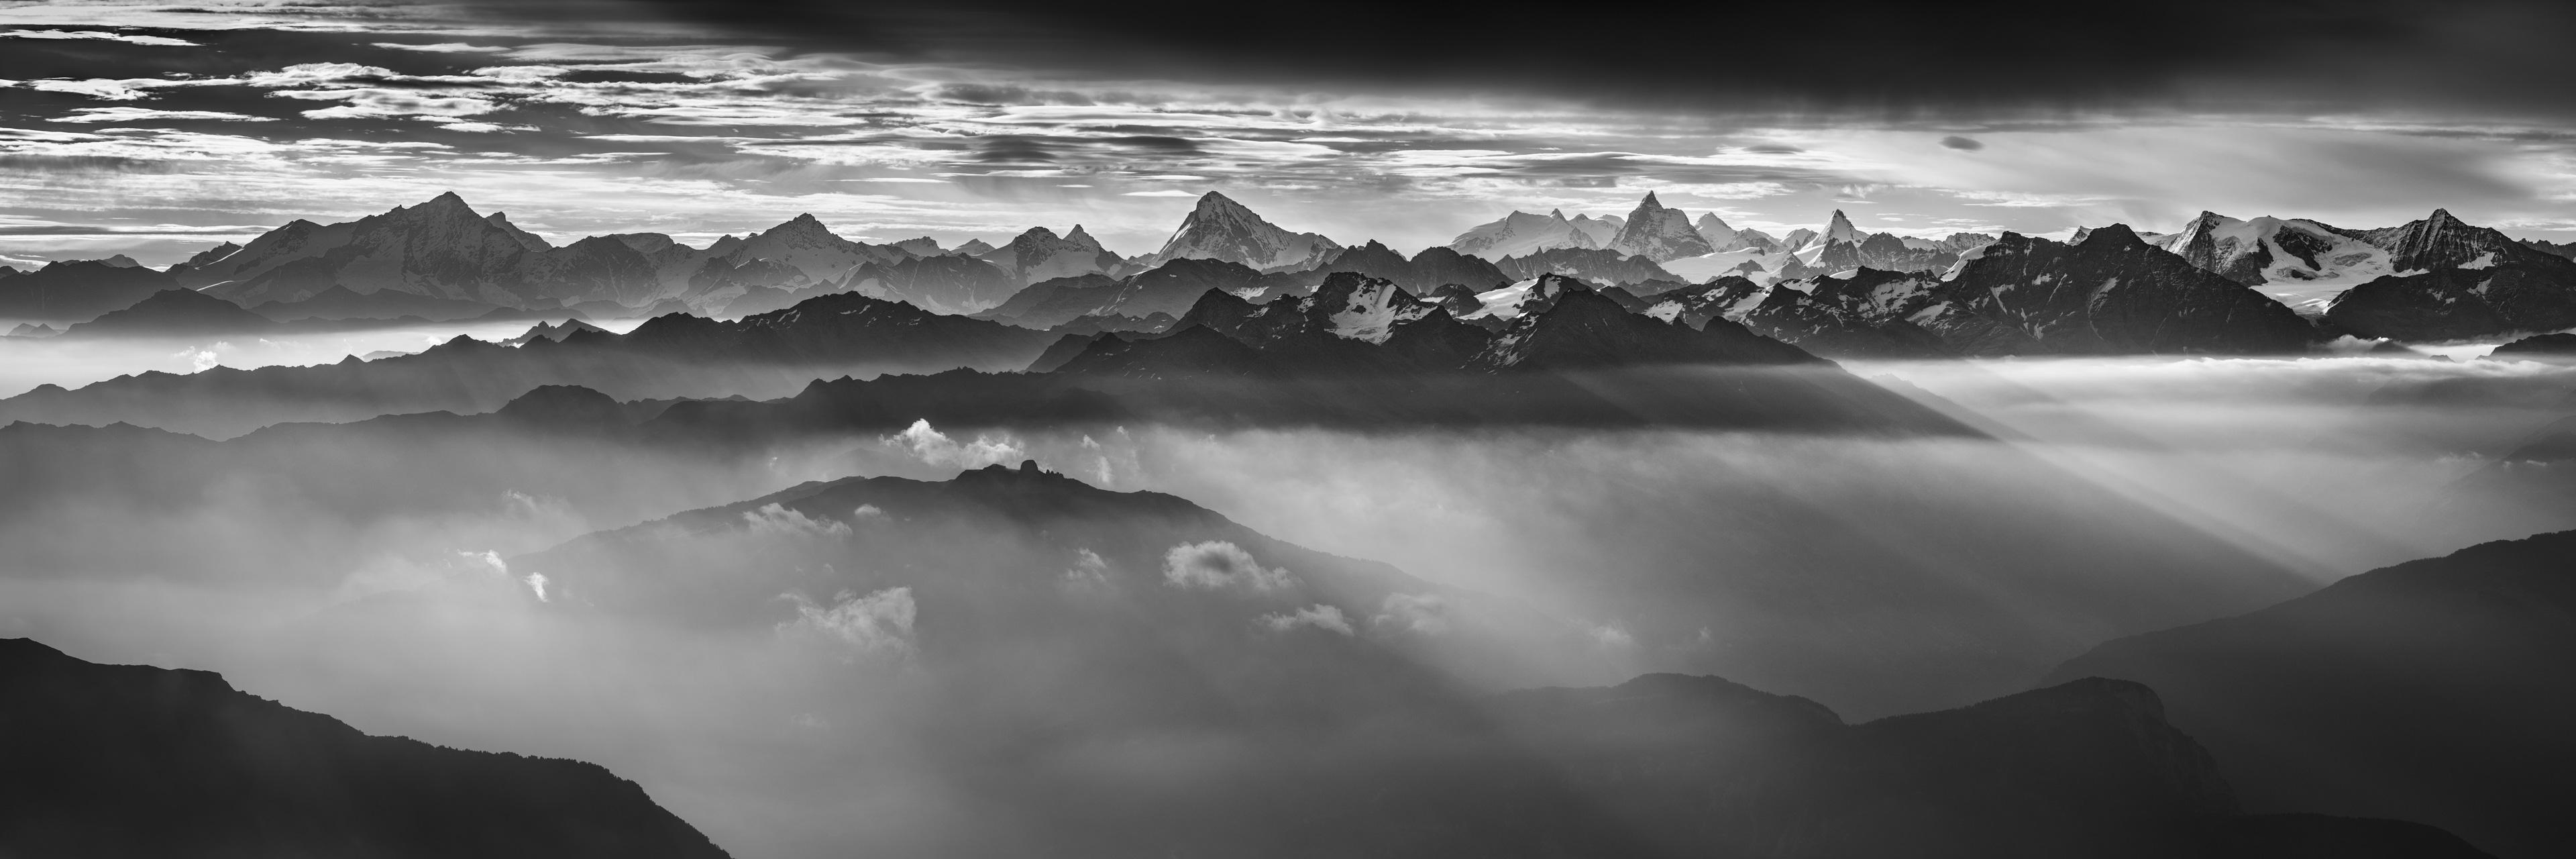 Panorama de montagne des Alpes Valaisannes et des Dents du midi noir et blanc - Tableau photo à encadrer de Zermatt dans une mer de nuage sous les rayons du soleil